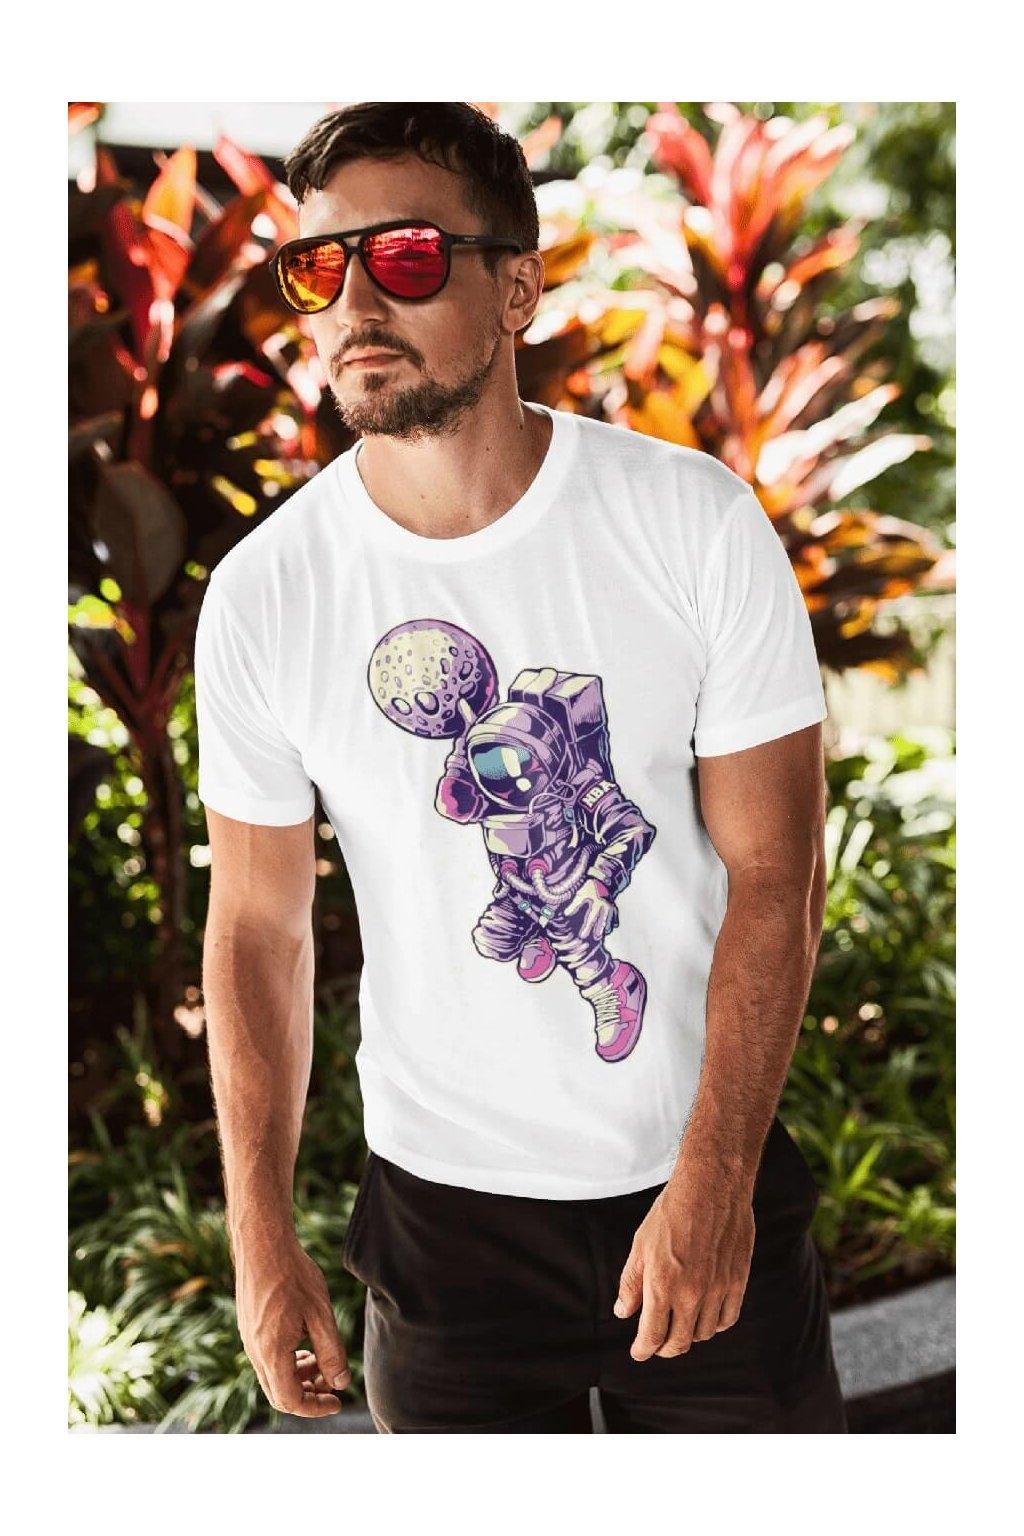 Pánske tričko Astronaut s mesiacom v ruke